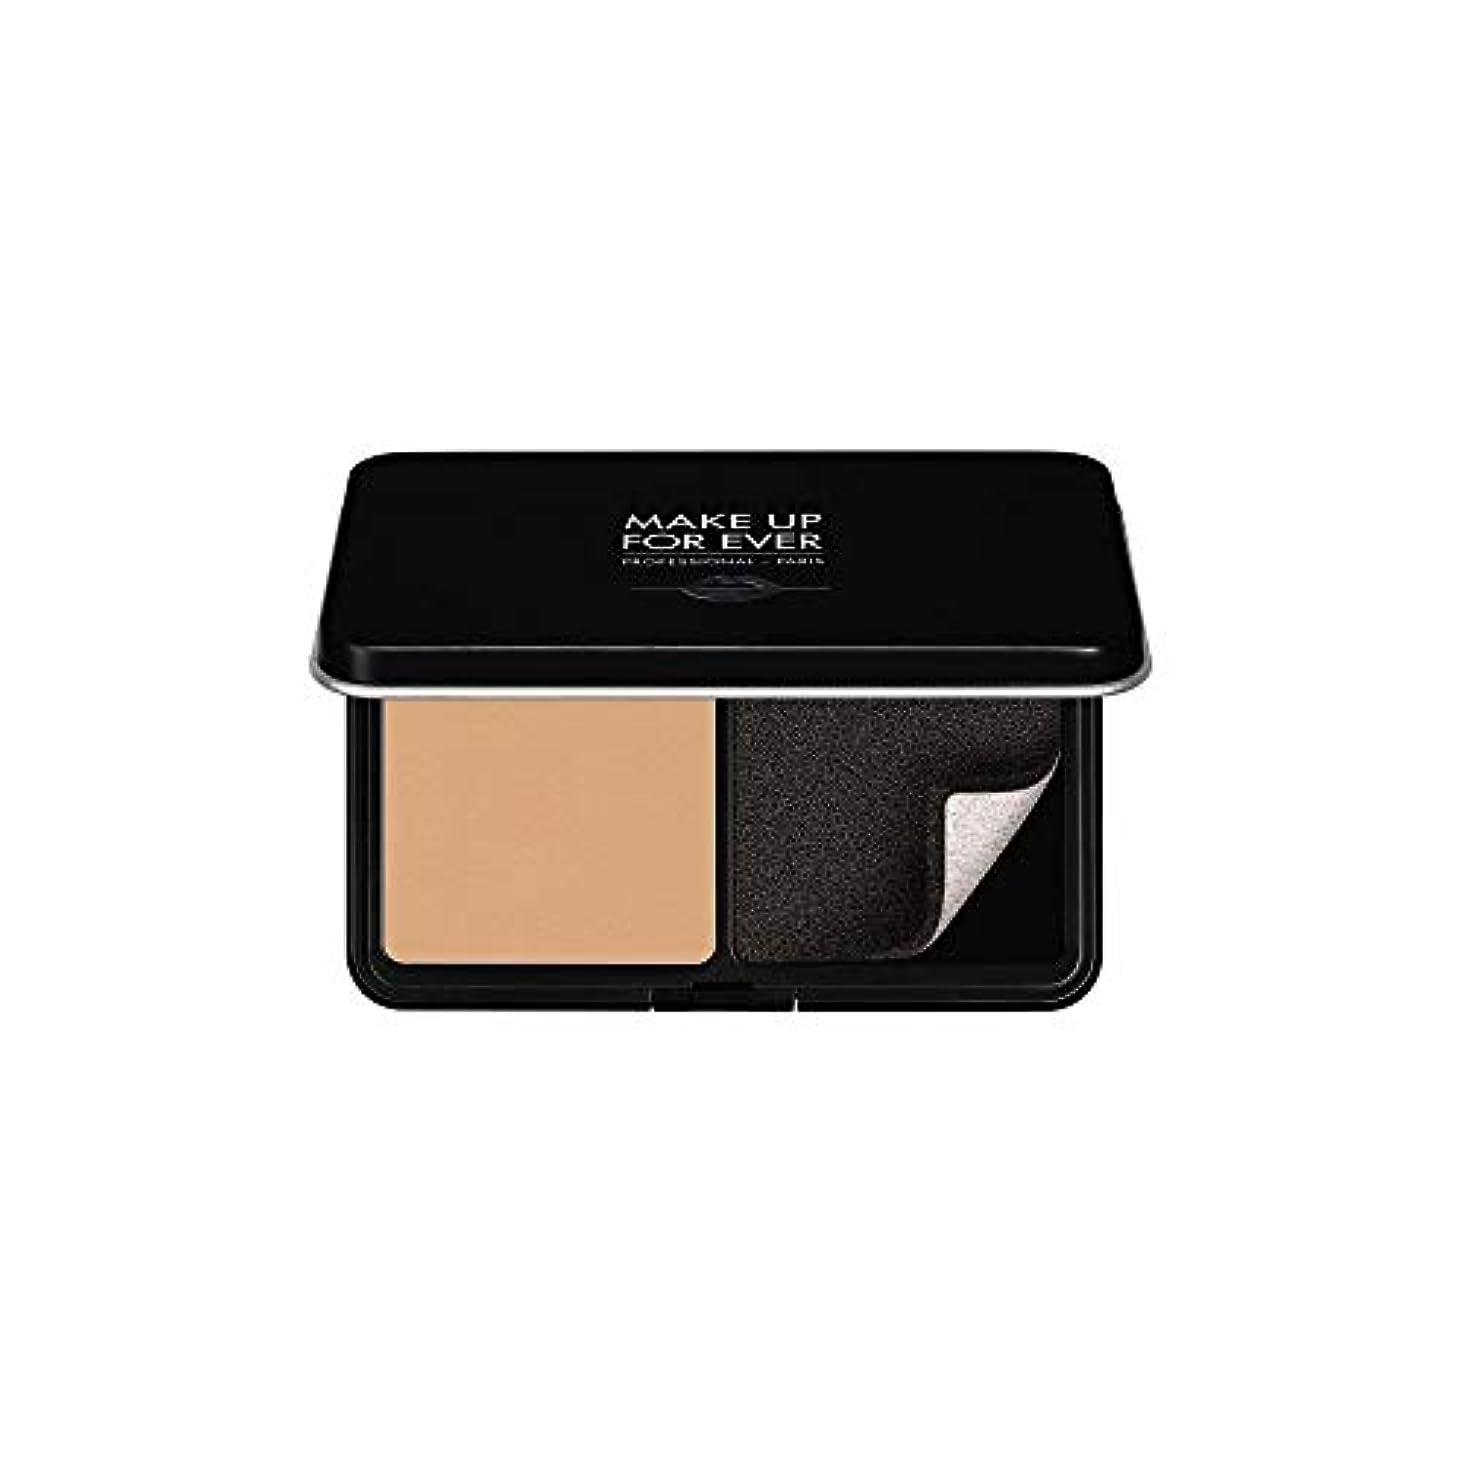 作成するダーリンピューメイクアップフォーエバー Matte Velvet Skin Blurring Powder Foundation - # Y305 (Soft Beige) 11g/0.38oz並行輸入品